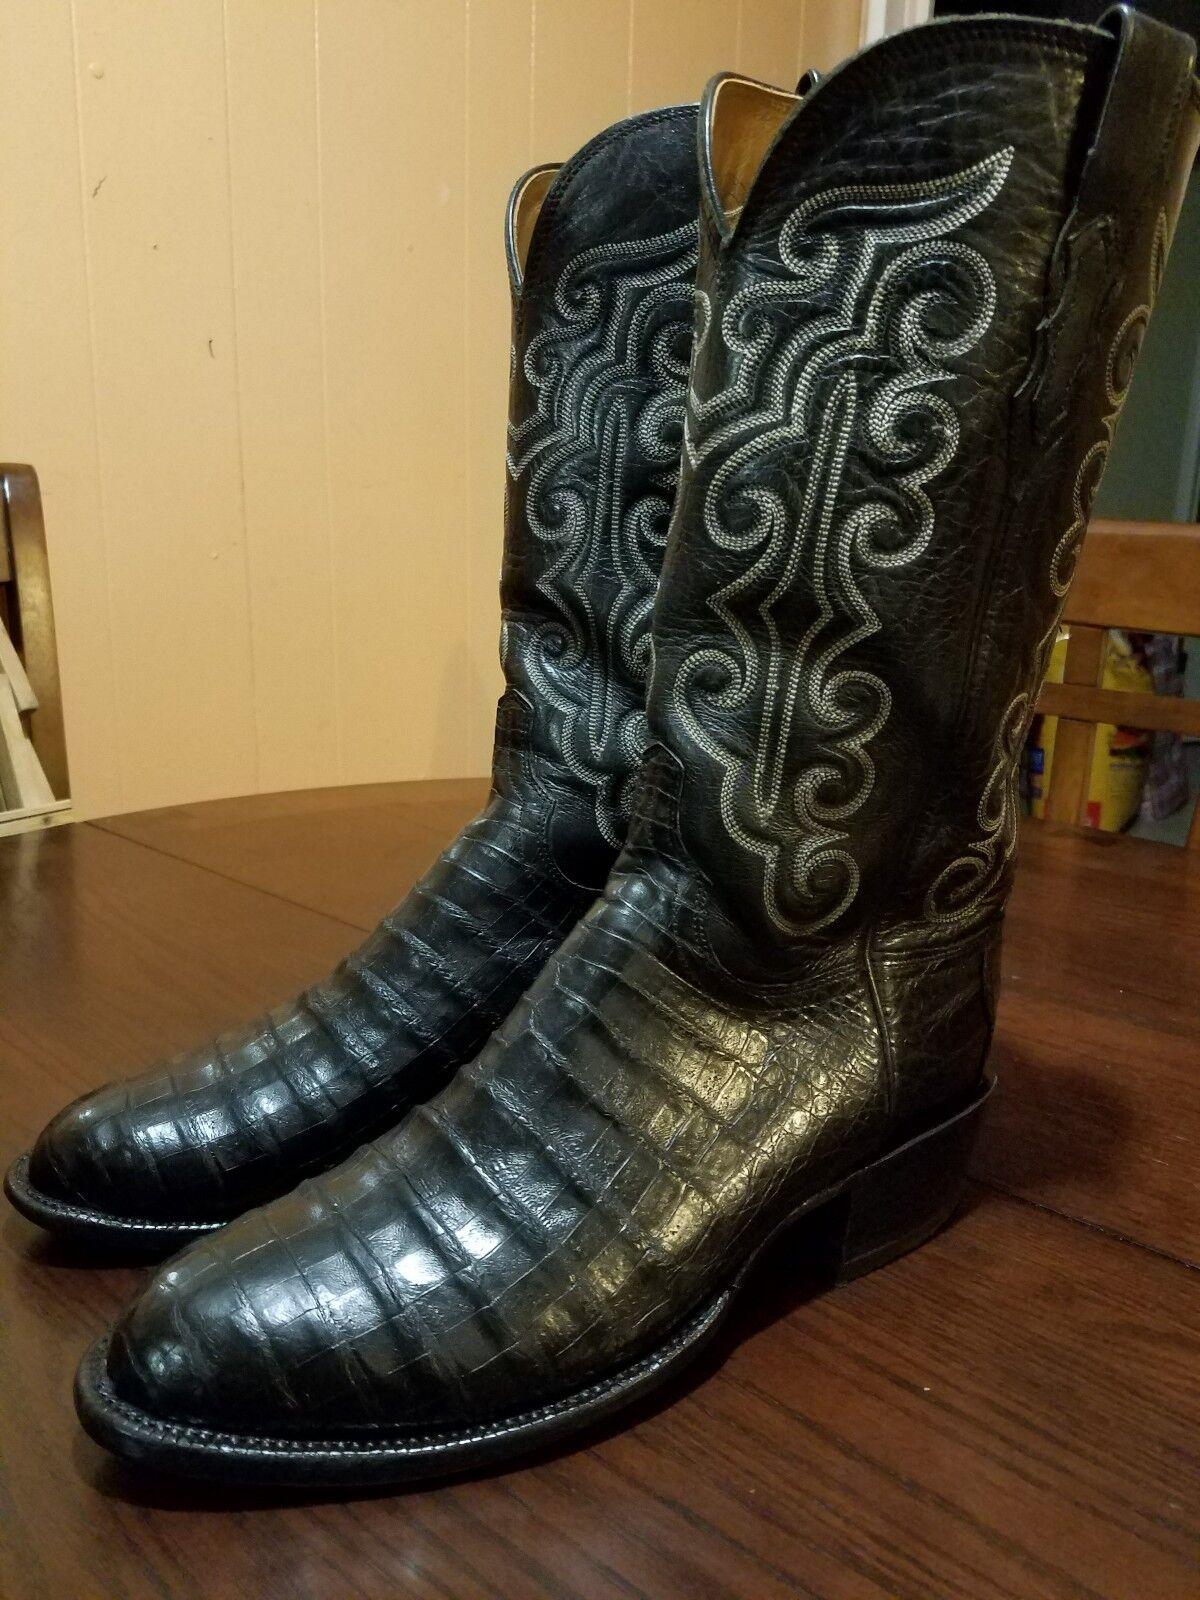 Lucchese 1883 Negro Ultra vientre Caiman Western Cowboy botas E